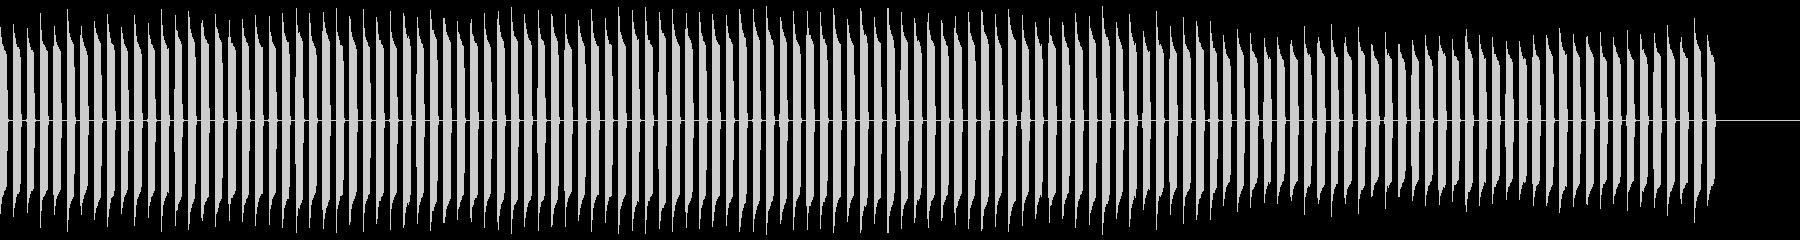 ピピピピピピピピ!(電子音、機械音)の未再生の波形